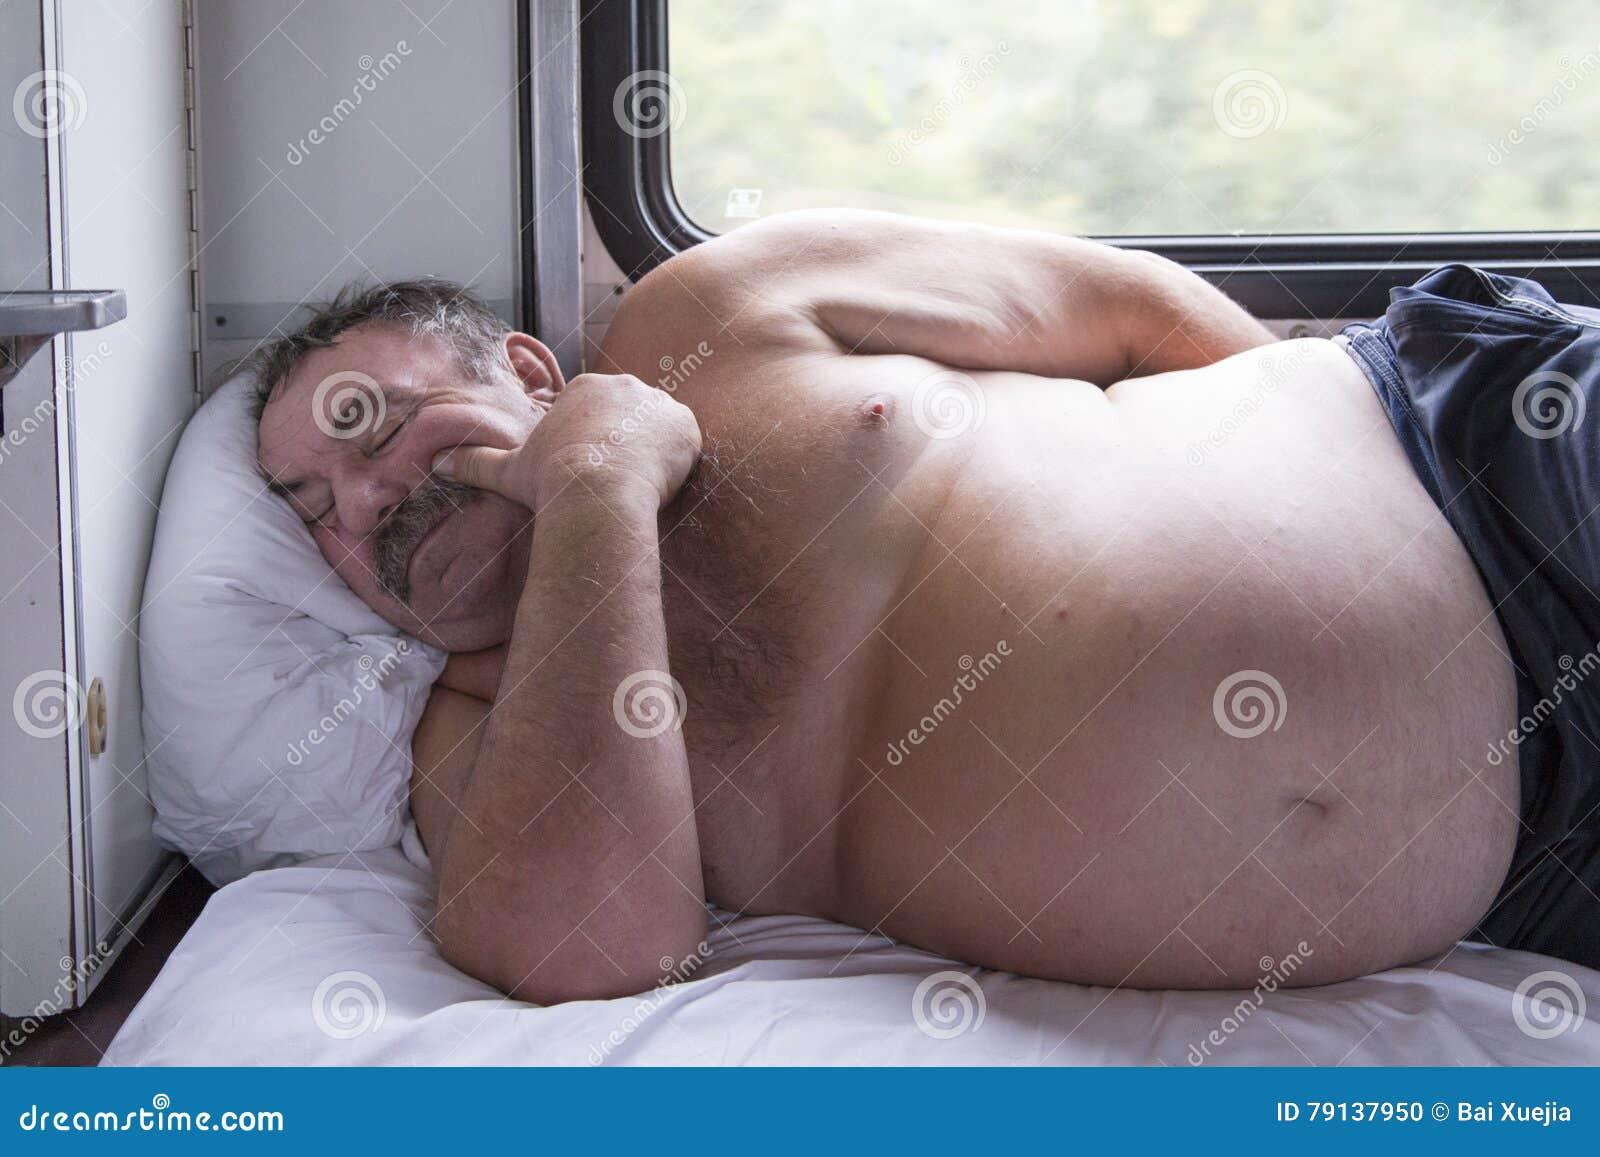 Хуи Спящих Голых Пьяных Парней Геев